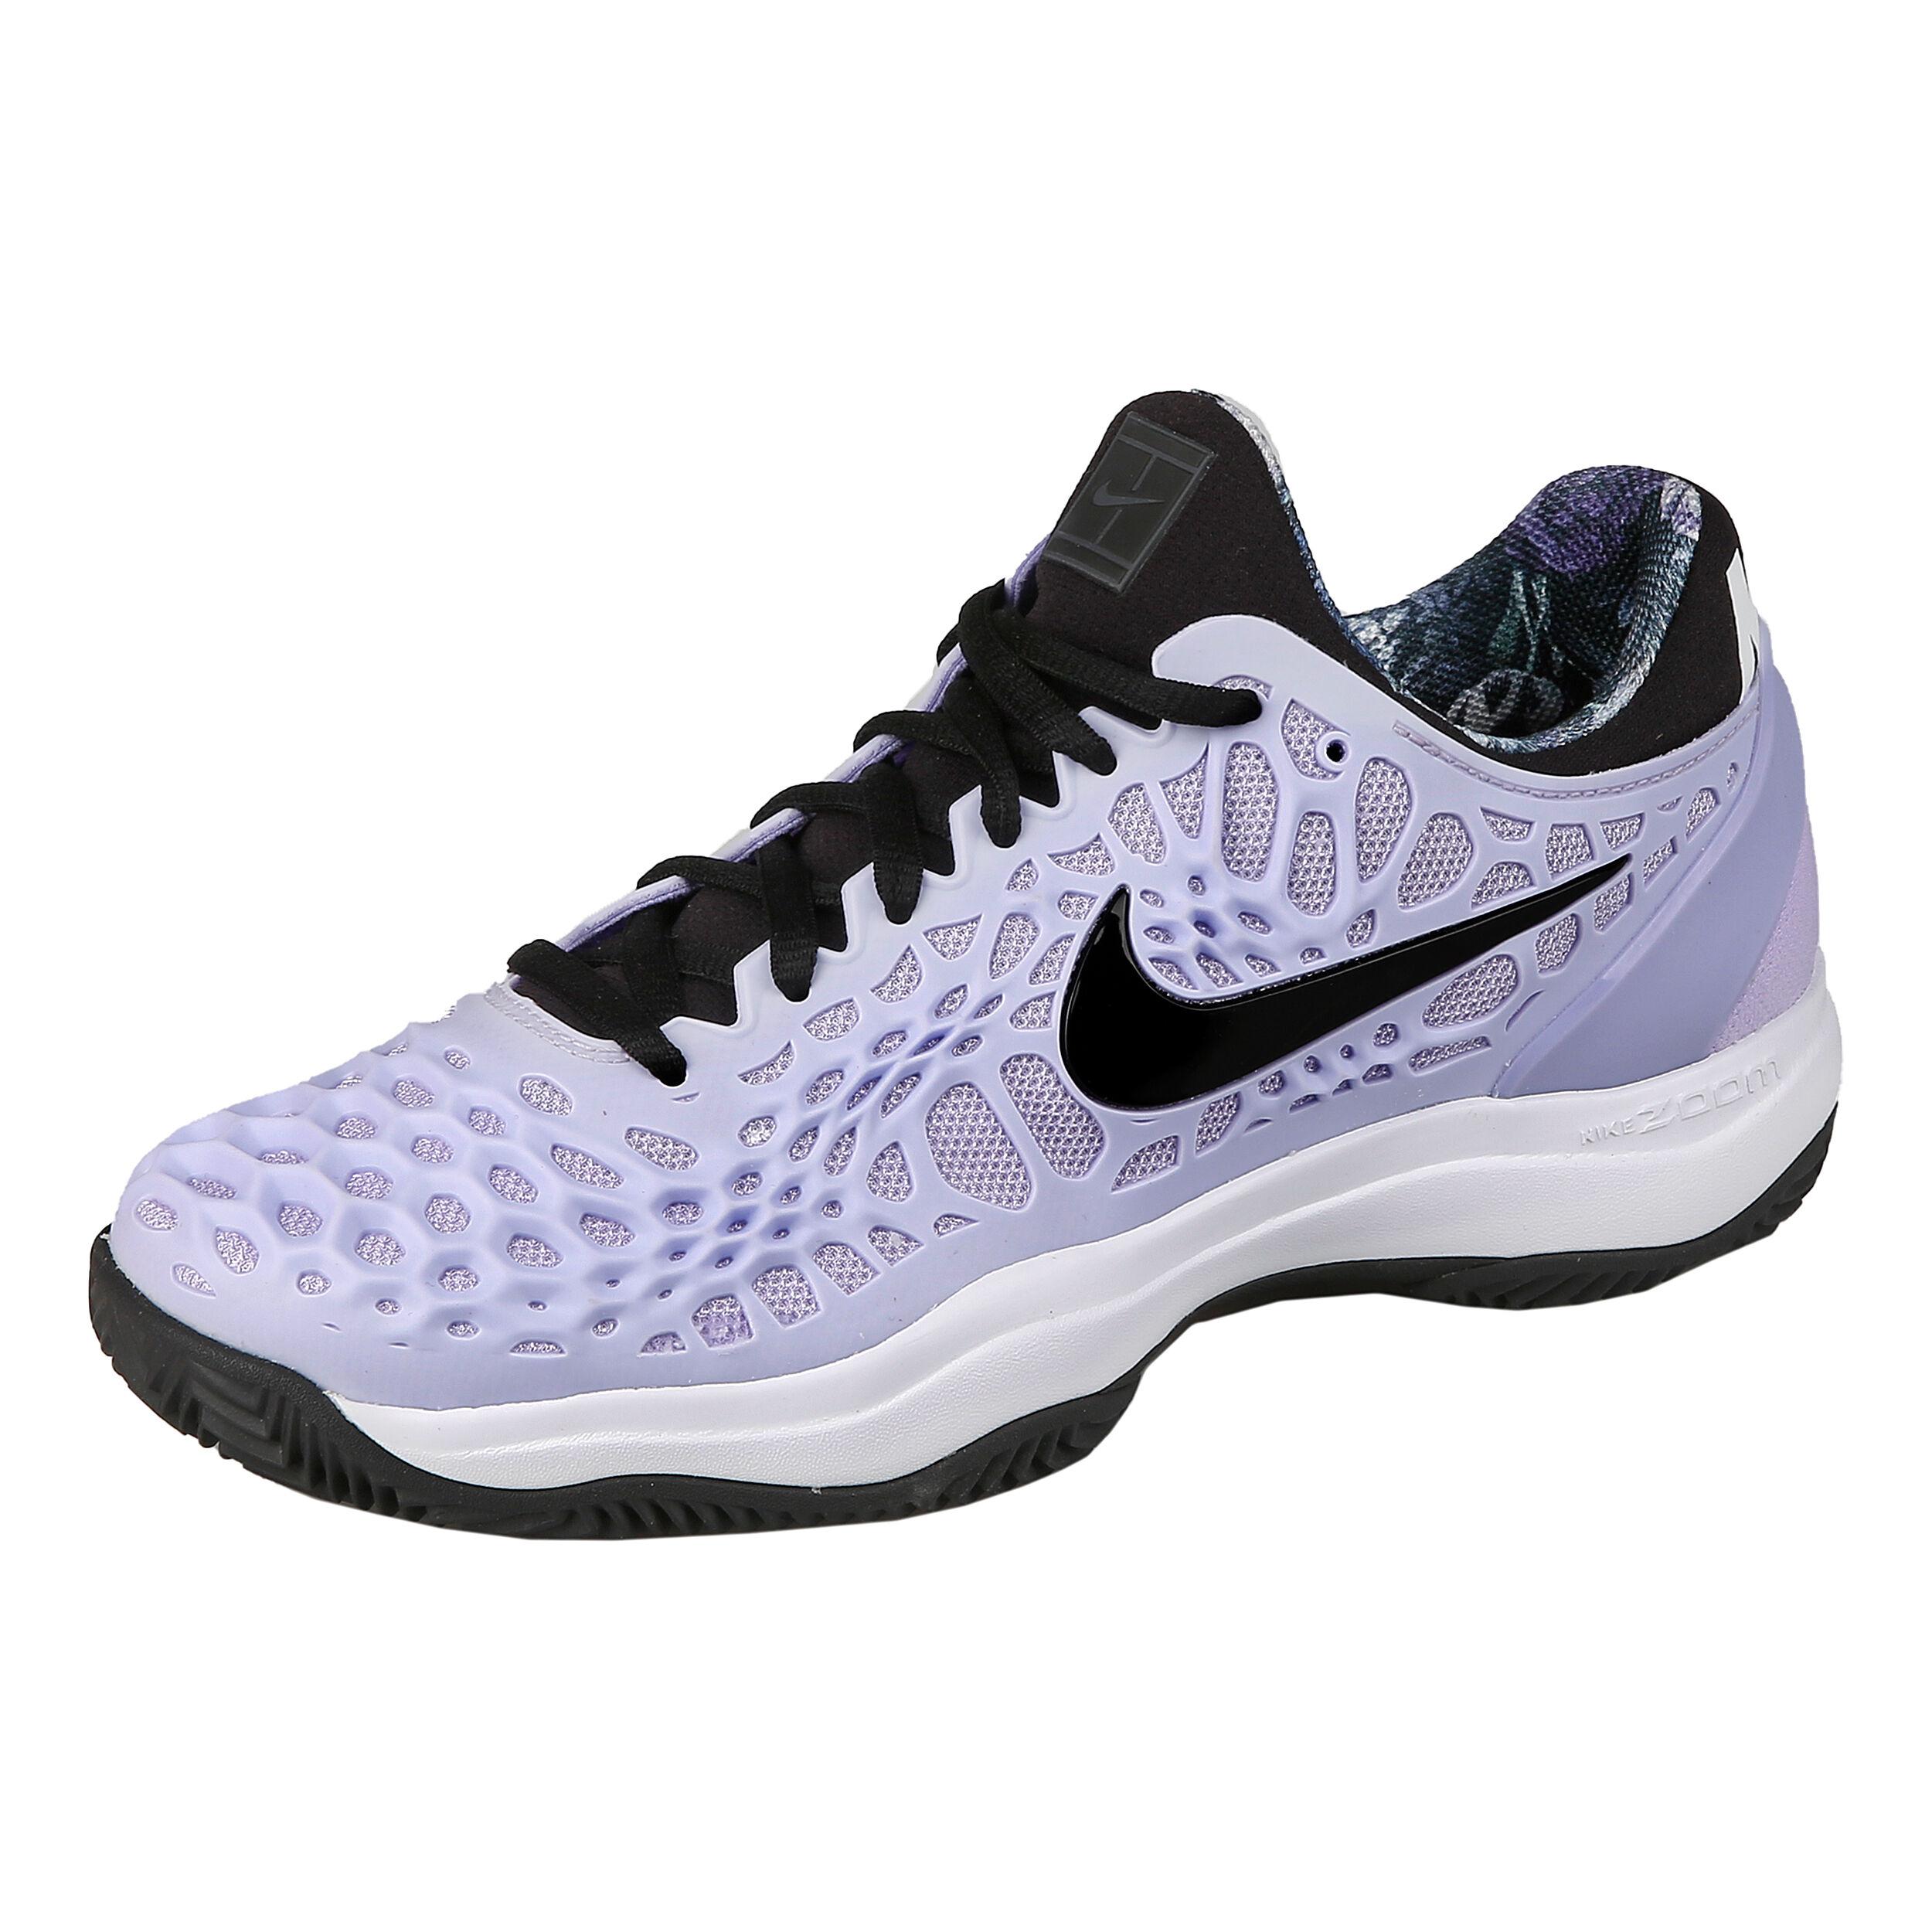 Nike Air Zoom Cage 3 Clay 2019 Uomo Recensioni e Prezzi